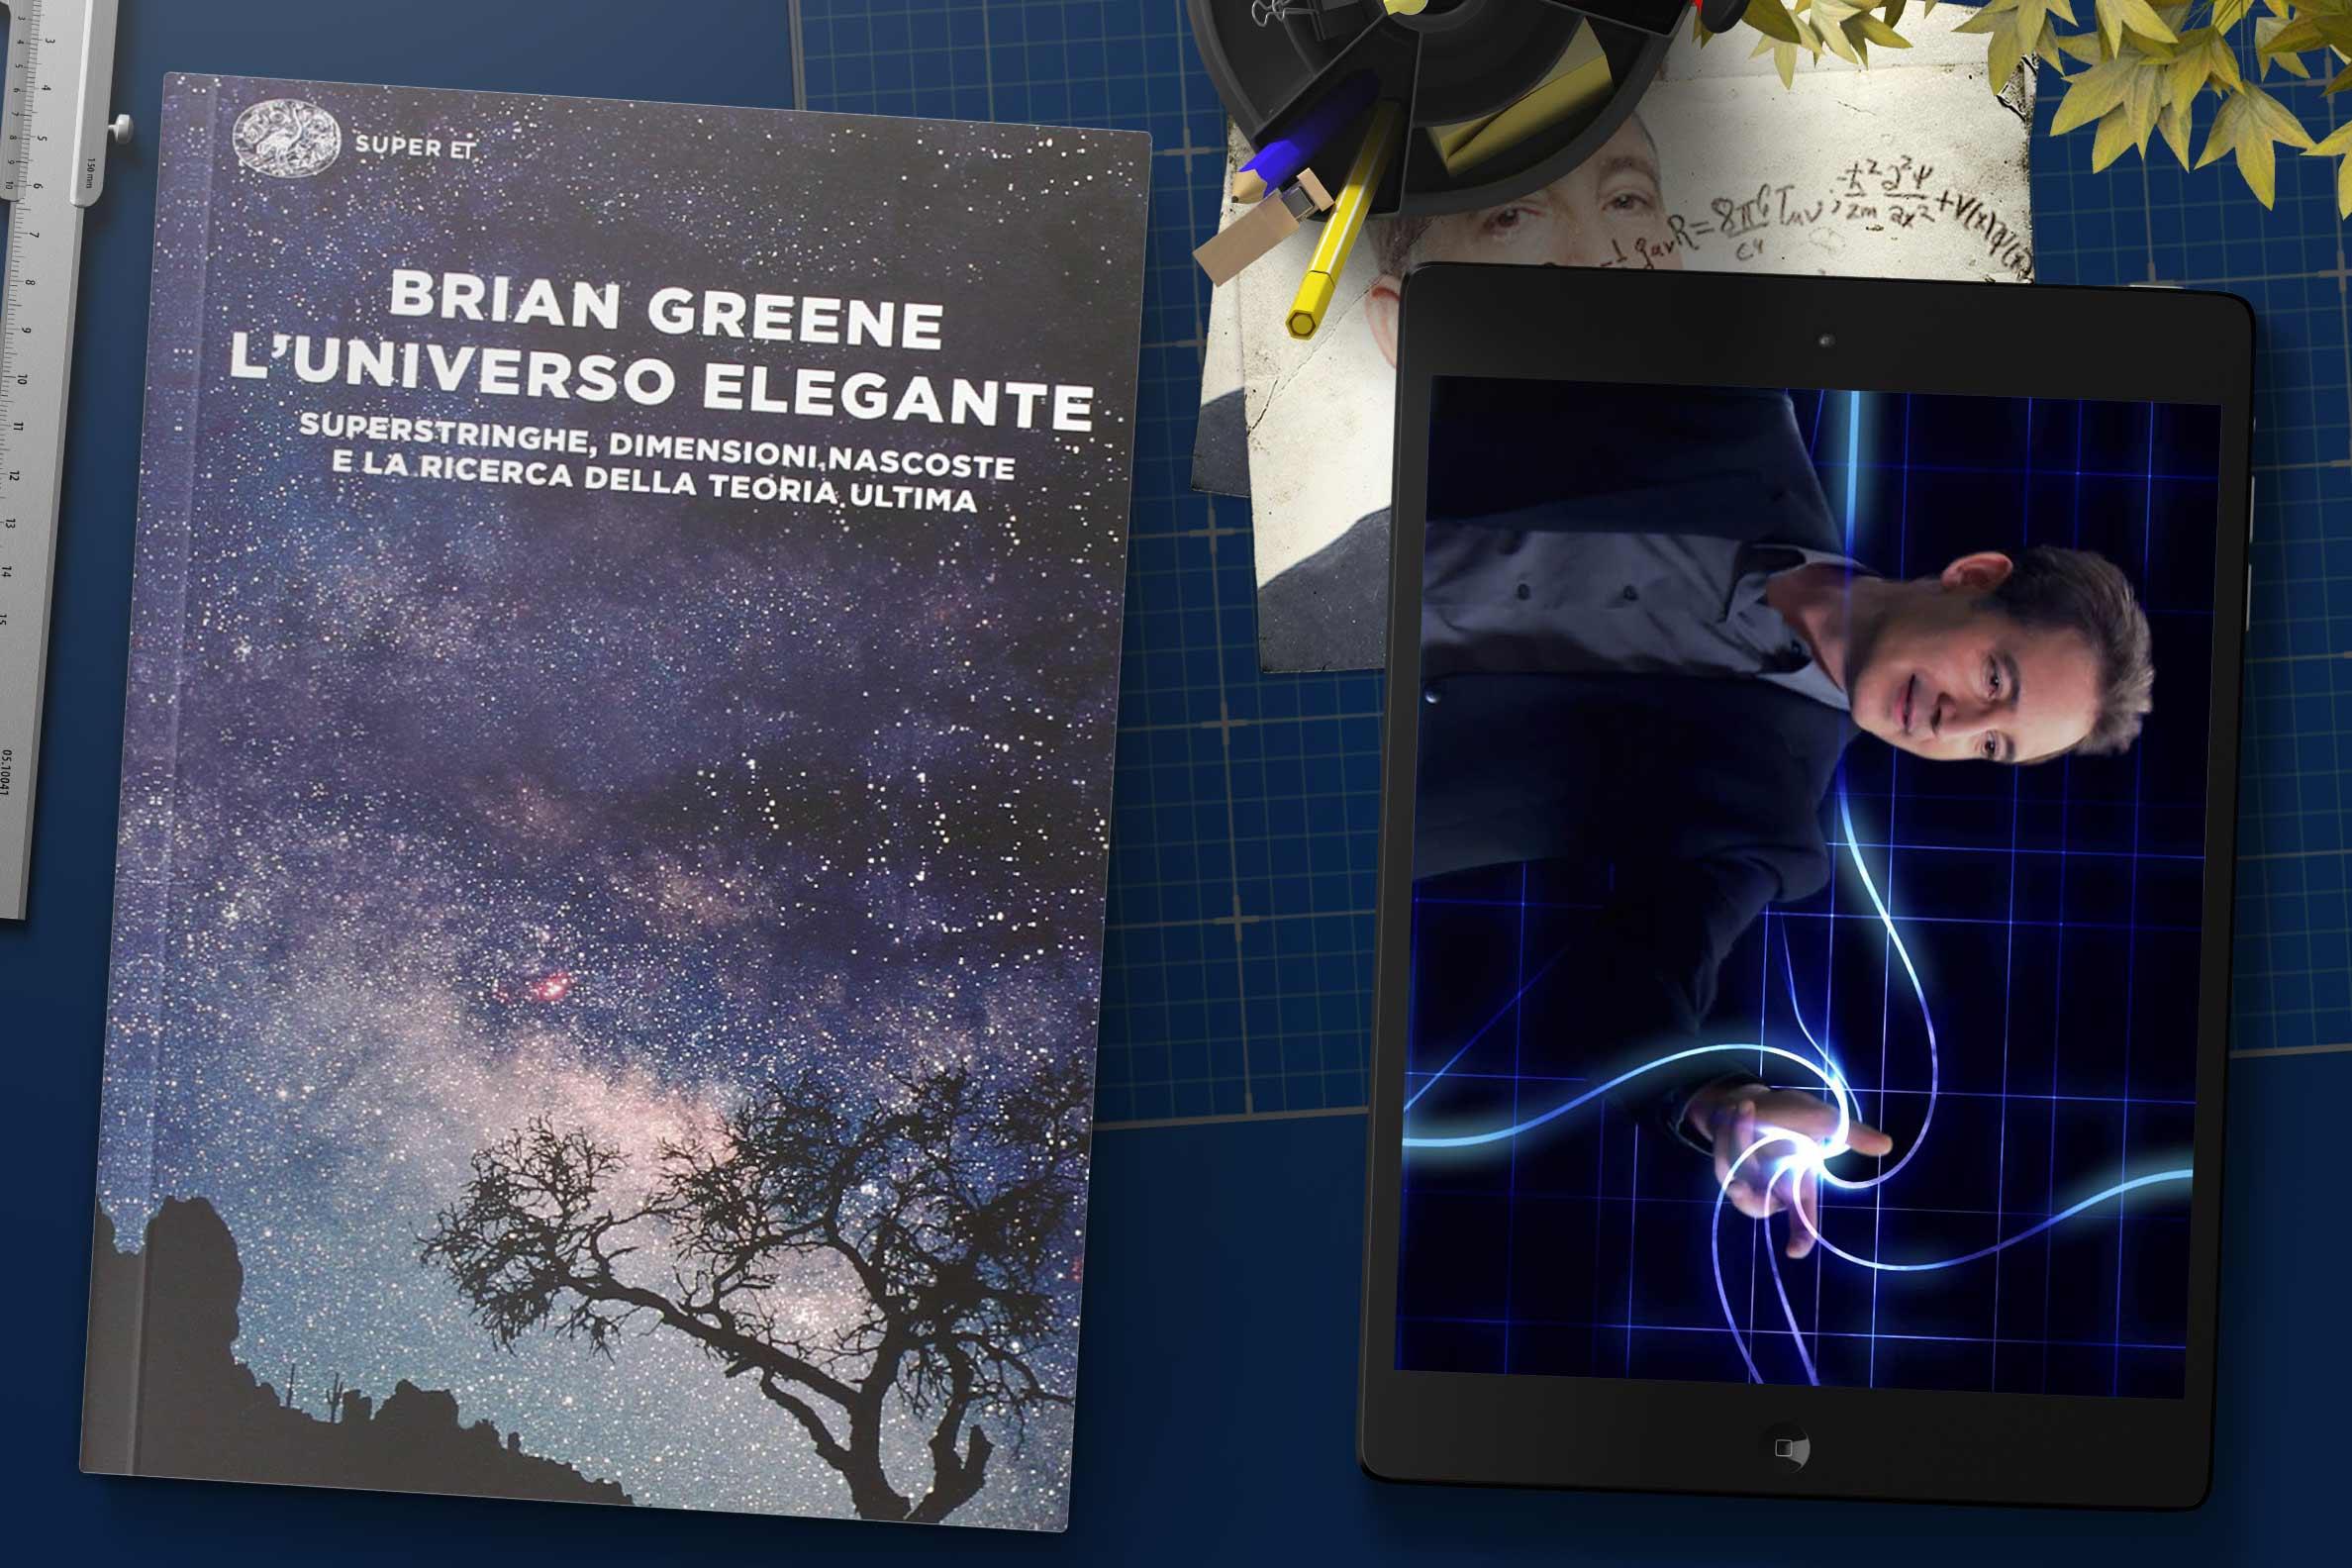 l'universo-elegante-brian-greene-astronomia